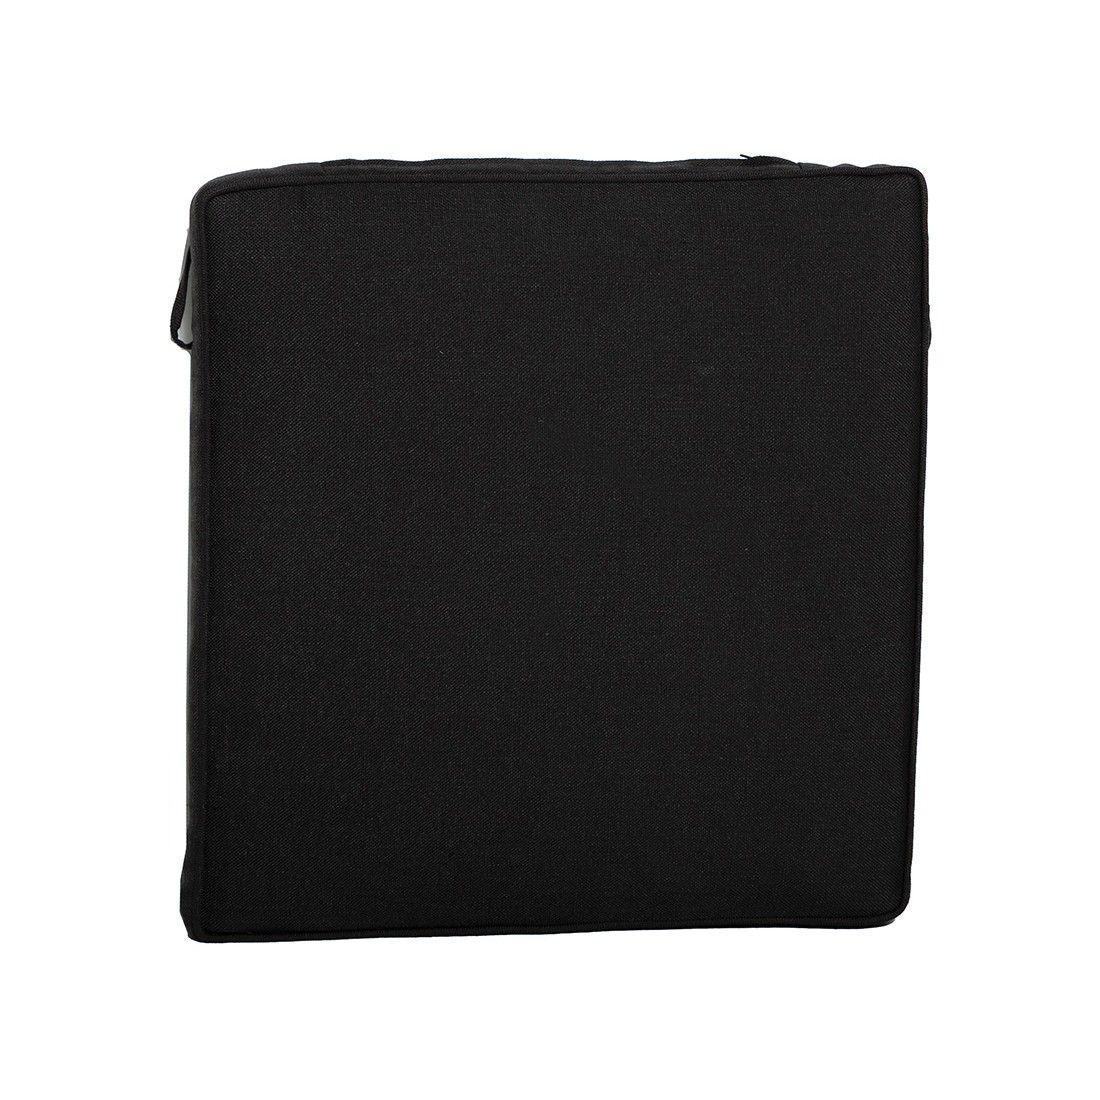 Coussin de chaise empilable 48,5 x 46,5 cm, déhoussable